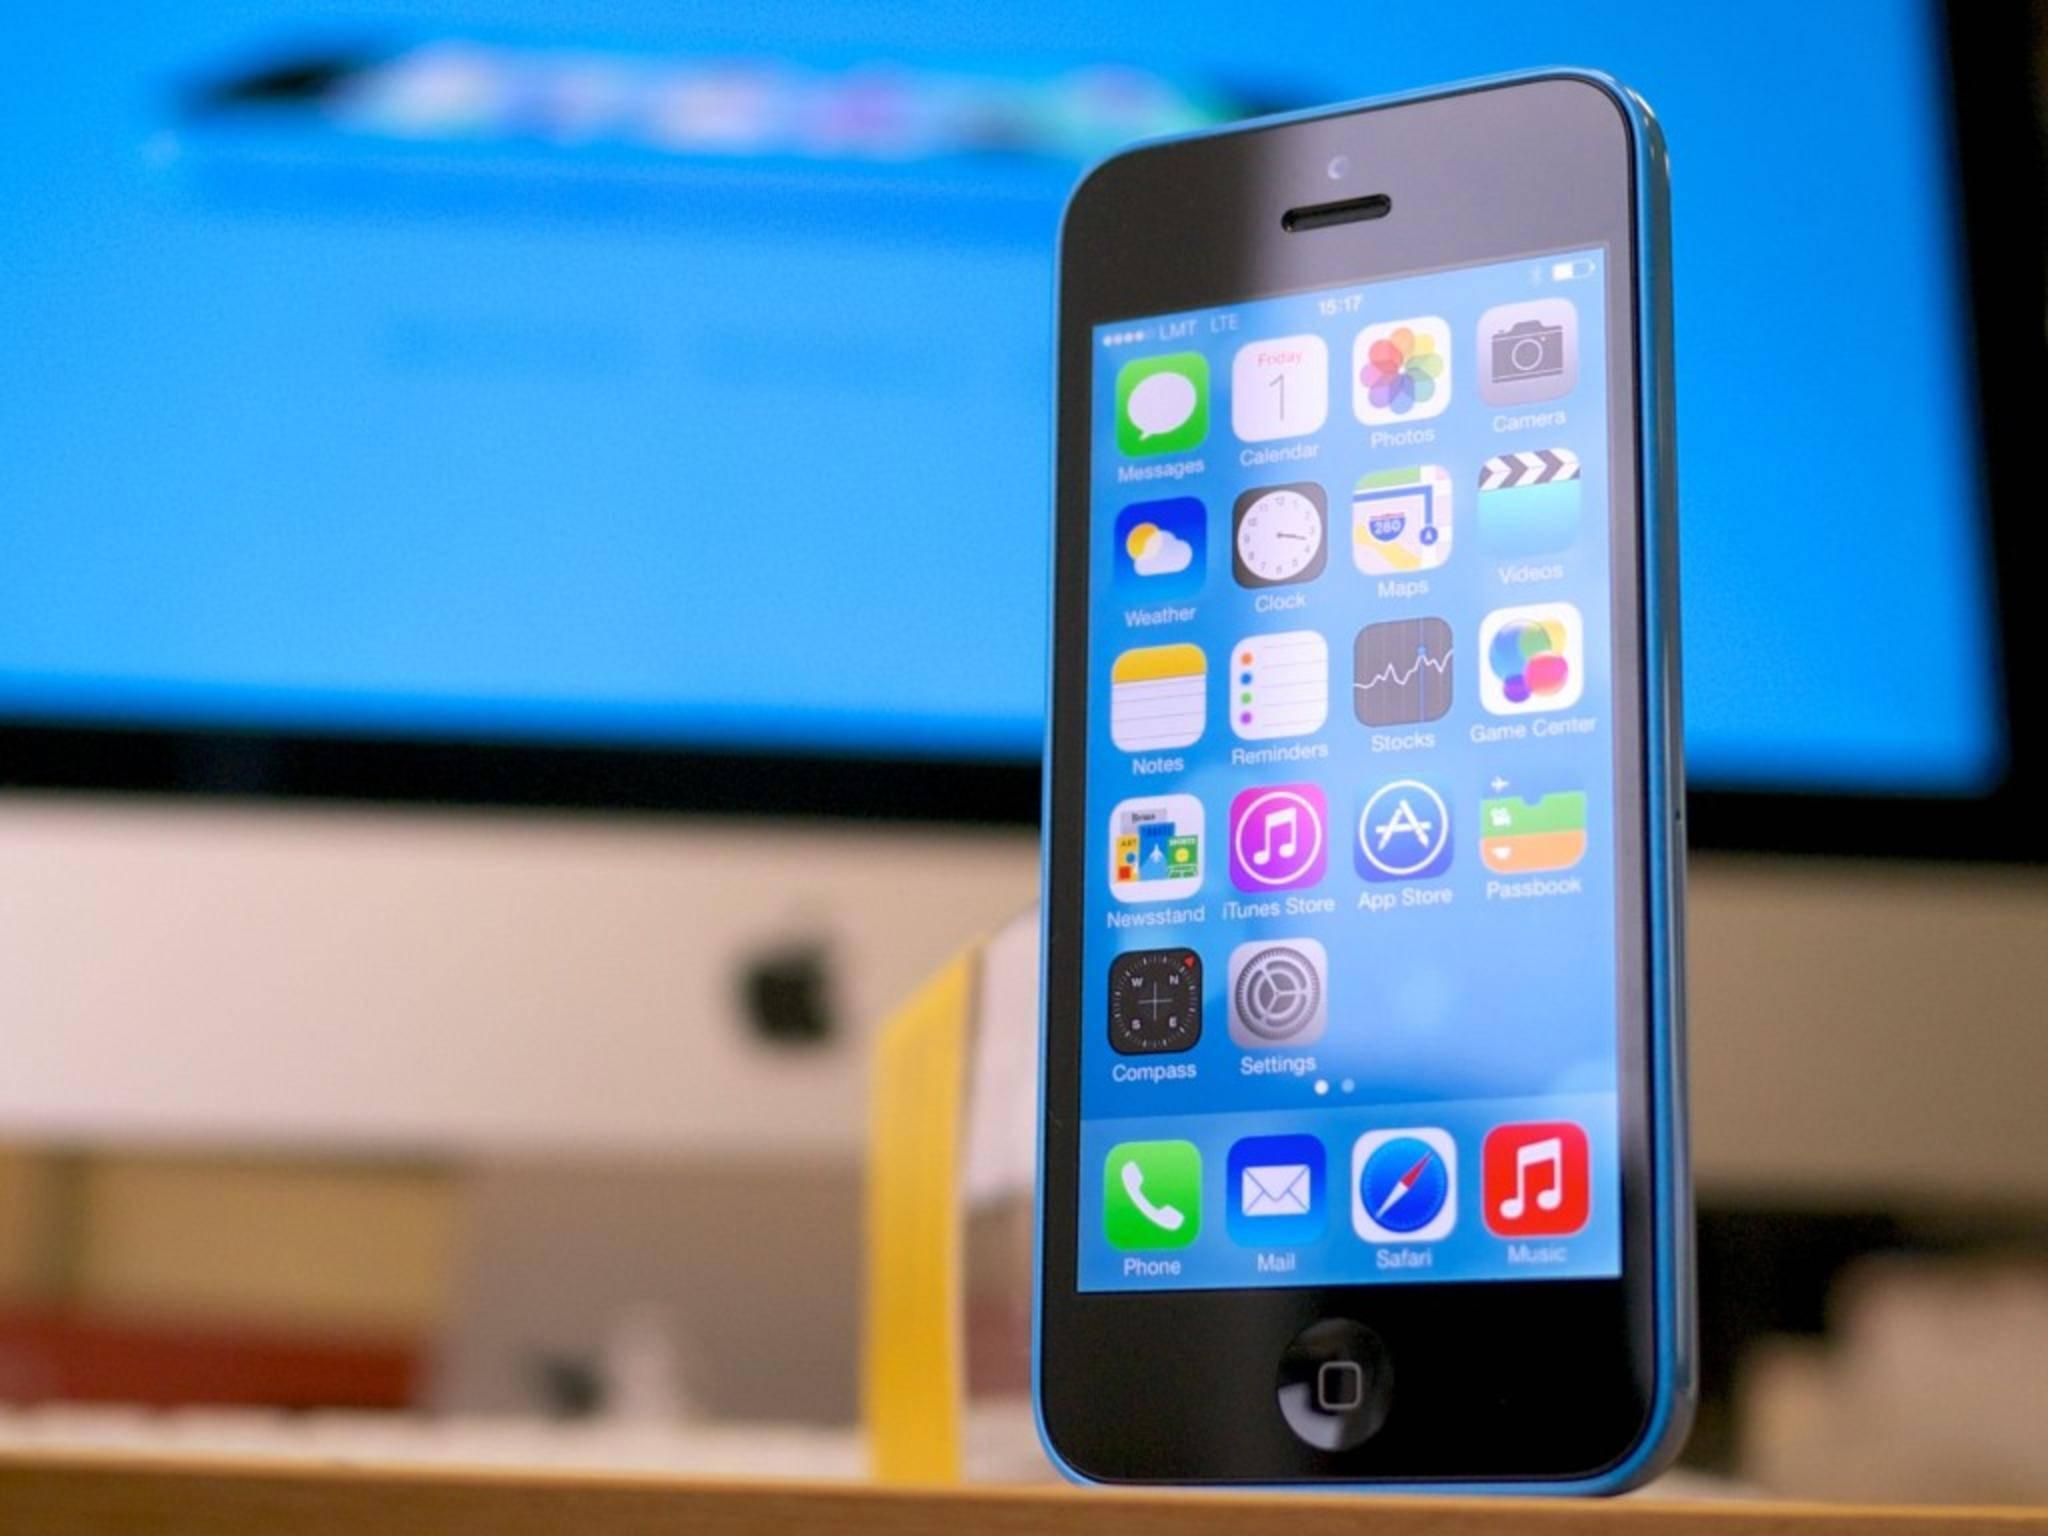 Das iPhone 5se soll wie das iPhone 5c wieder einen 4-Zoll-Screen haben.